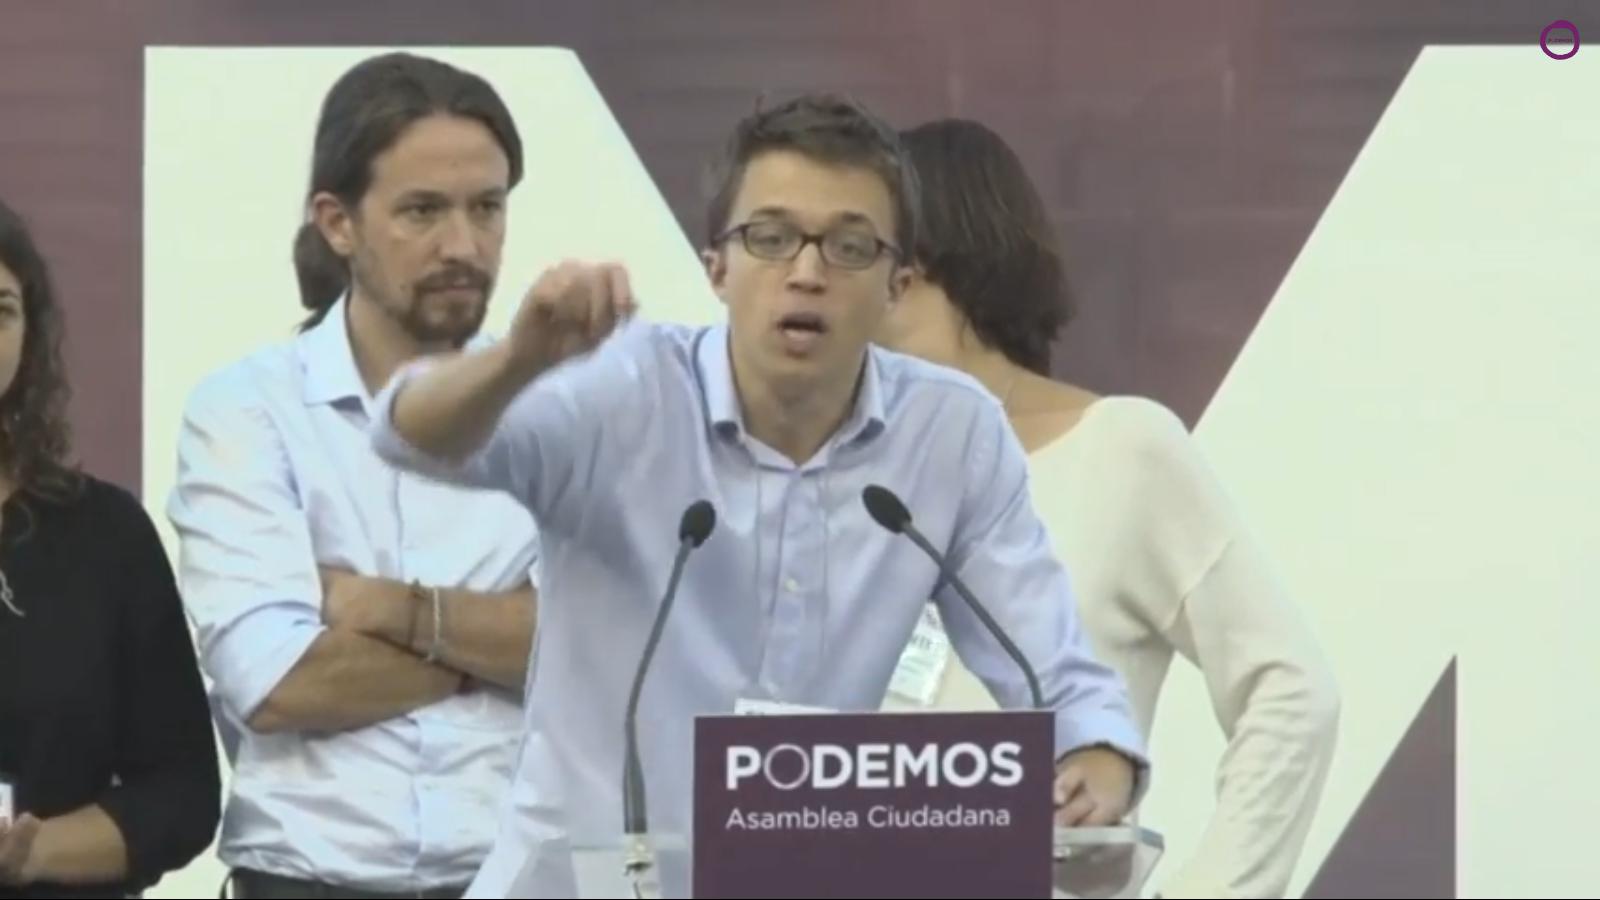 Íñigo Errejón Galván, el portavoz del partido de Pablo Iglesias, en el Congreso, durante un acto de campaña de la formación. Lasvocesdelpueblo.